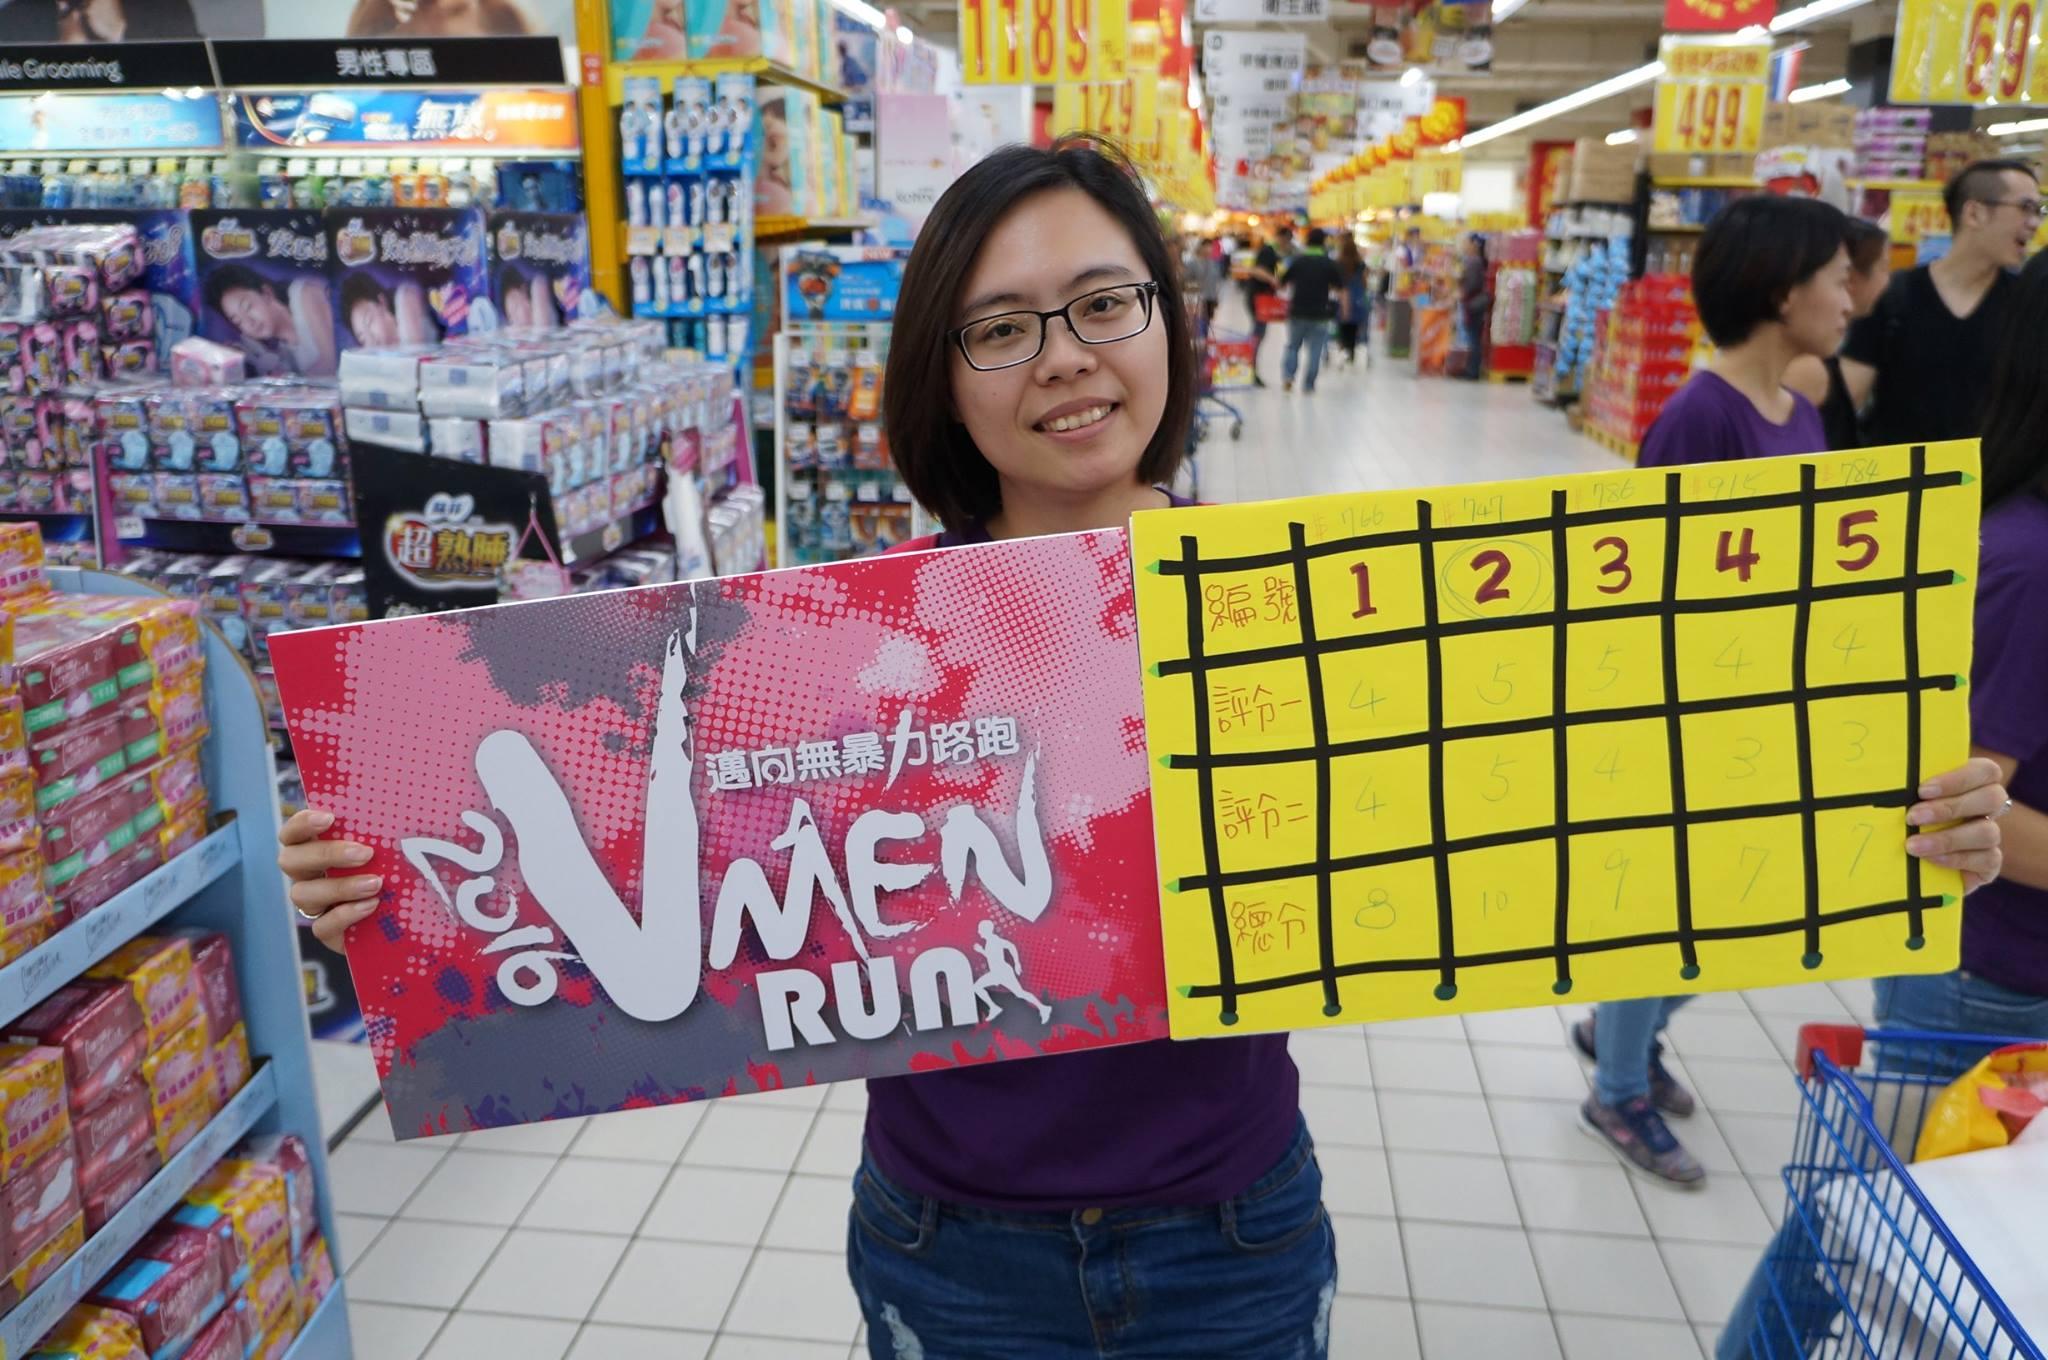 家庭煮夫活動計分板以及V-MEN路跑宣傳 攝影/劉羽恒